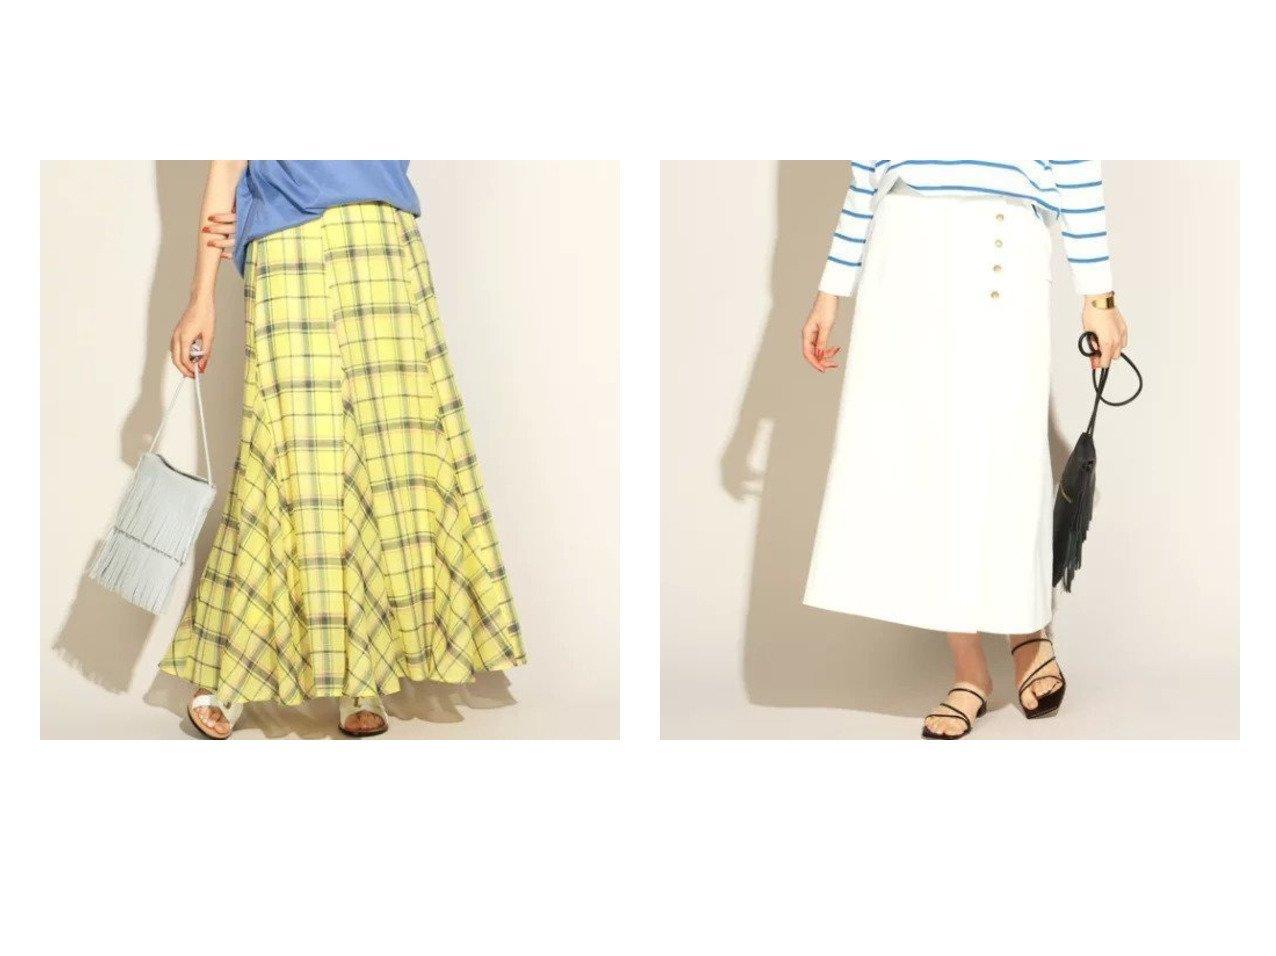 【NOLLEY'S/ノーリーズ】のシアーチェックマーメイドスカート&デニムフレアスカート 【スカート】おすすめ!人気、トレンド・レディースファッションの通販 おすすめで人気の流行・トレンド、ファッションの通販商品 メンズファッション・キッズファッション・インテリア・家具・レディースファッション・服の通販 founy(ファニー) https://founy.com/ ファッション Fashion レディースファッション WOMEN スカート Skirt Aライン/フレアスカート Flared A-Line Skirts S/S・春夏 SS・Spring/Summer デニム フレア フロント 春 Spring エレガント シアー チェック トレンド ドレス フェミニン マキシ マーメイド ロング  ID:crp329100000029138